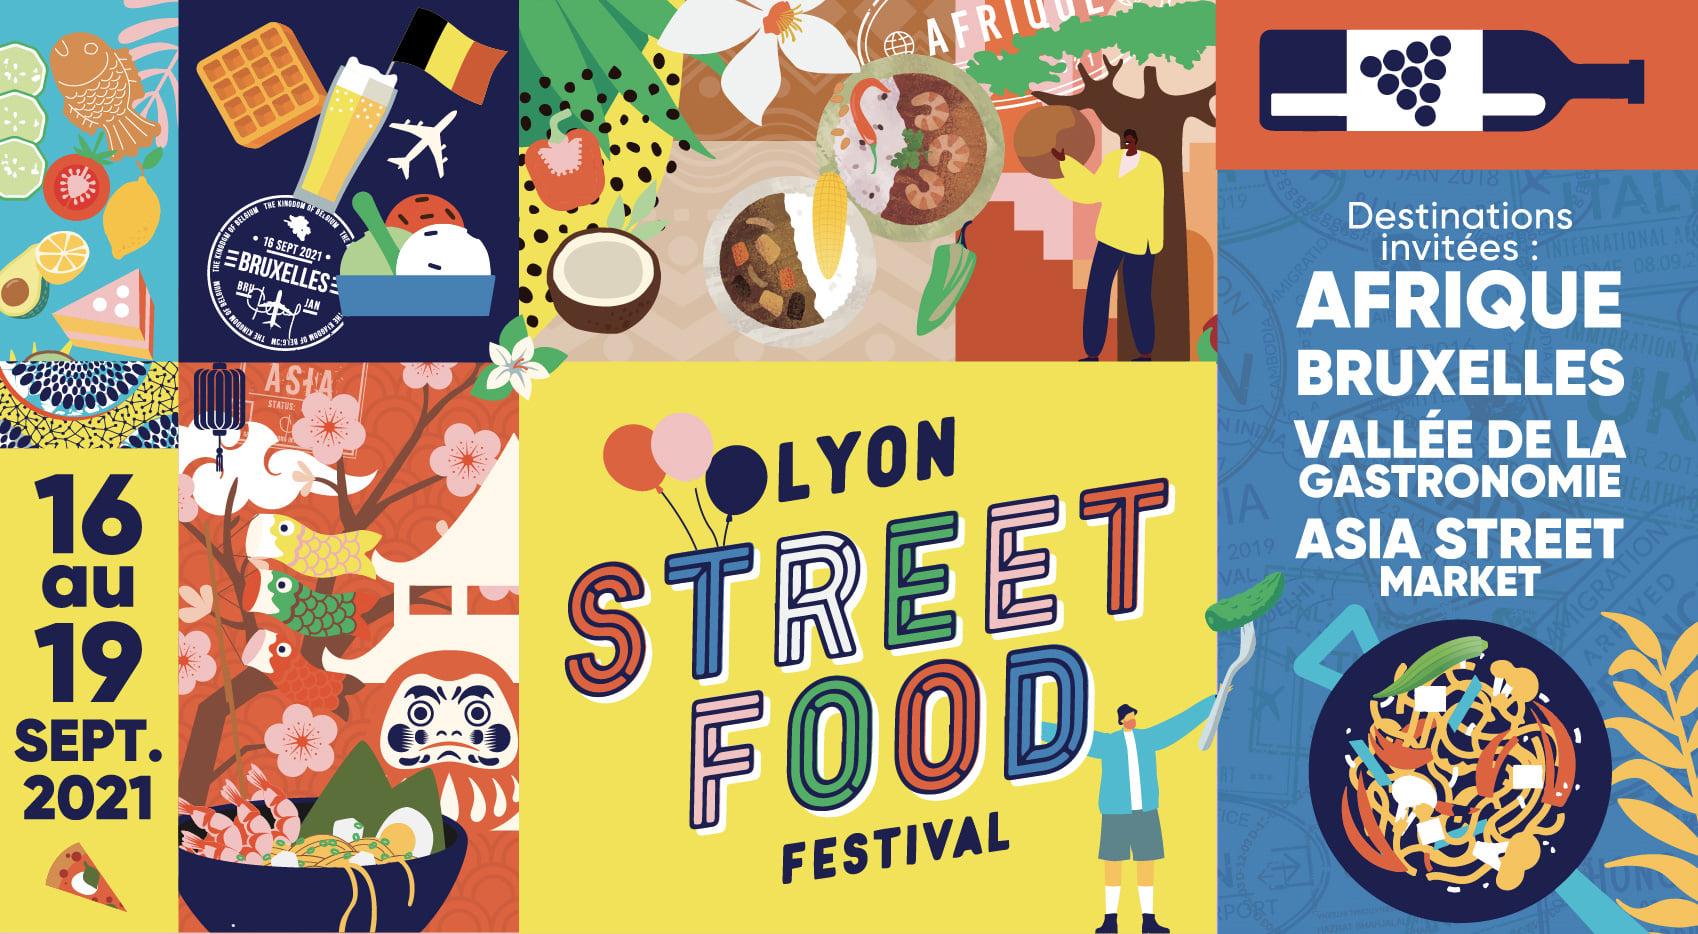 (Français) La Tunisie  présente au LYON STREET FOOD FESTIVAL du 16 au 19 septembre 2021